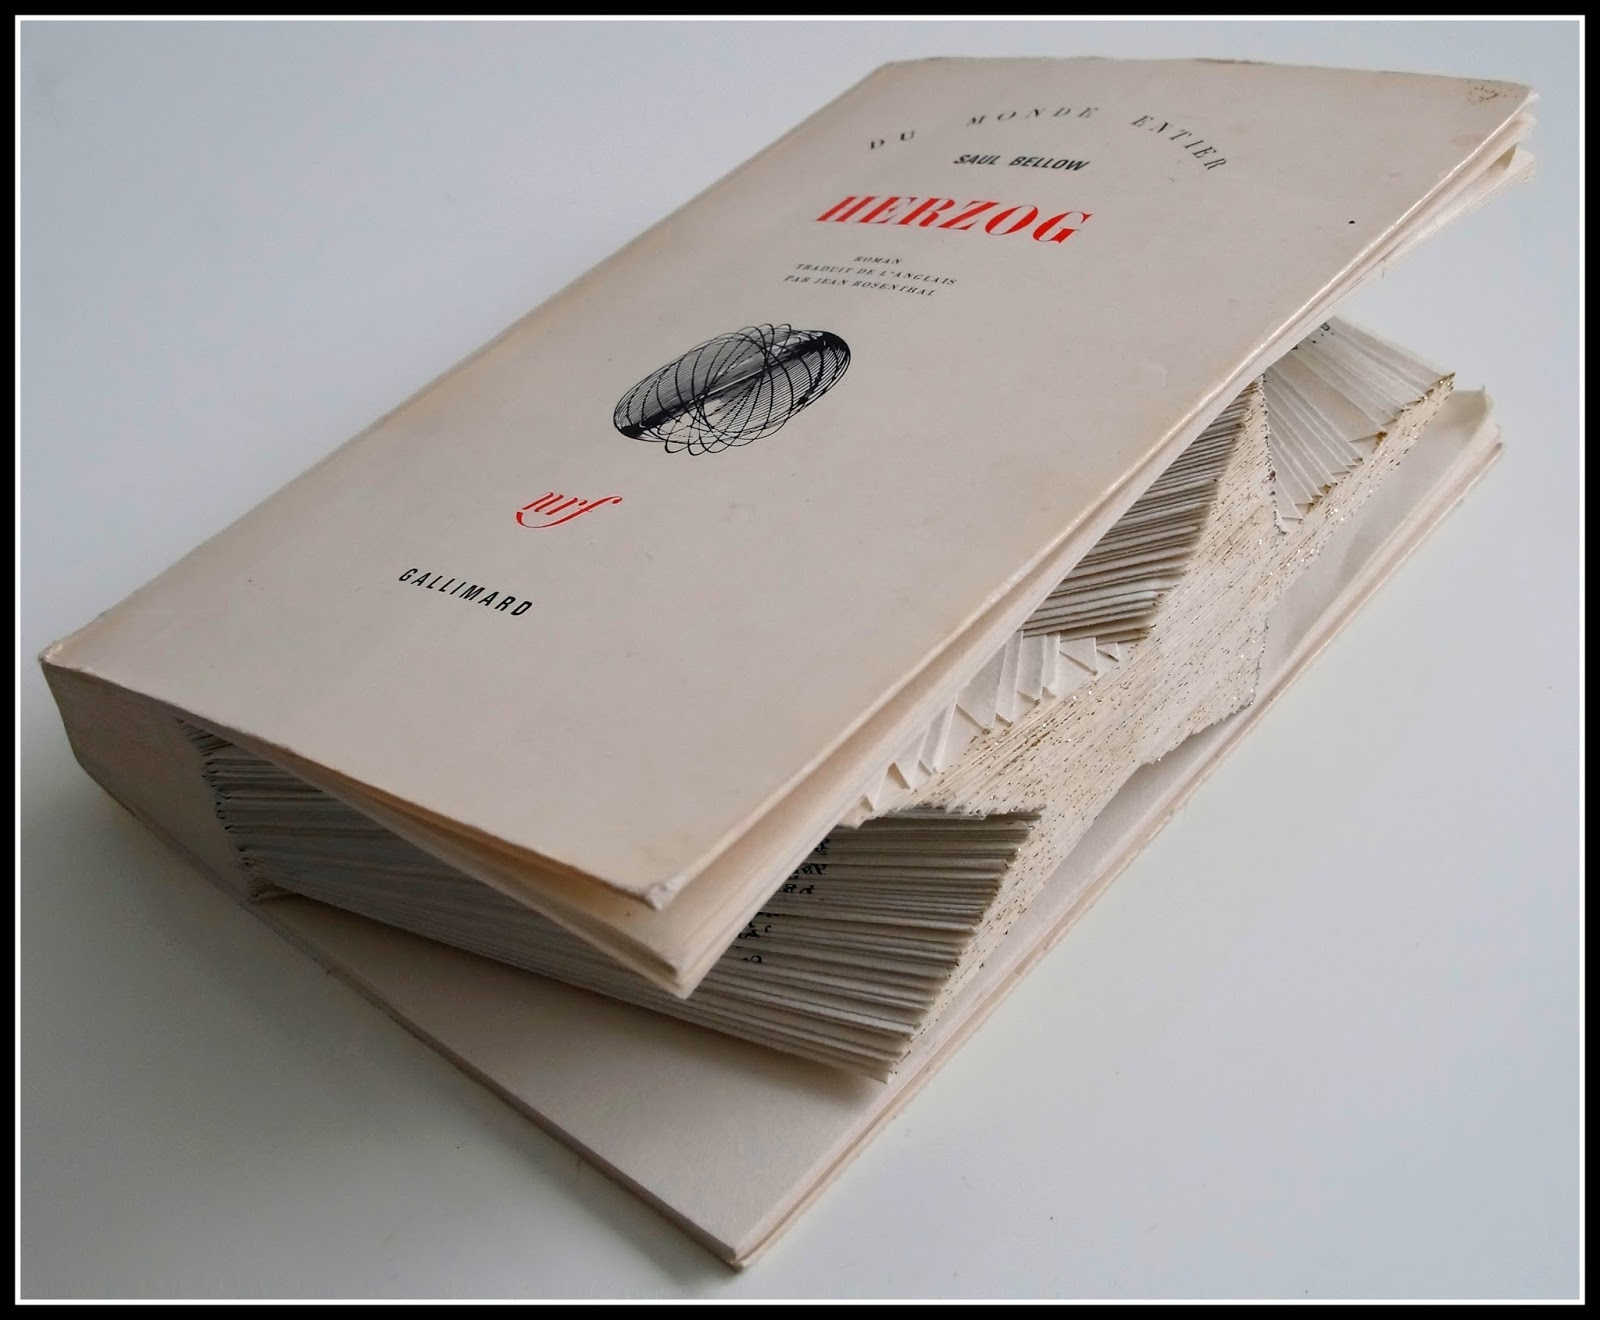 mon joli petit bureau amour des livres pliage origami de livre en toile. Black Bedroom Furniture Sets. Home Design Ideas